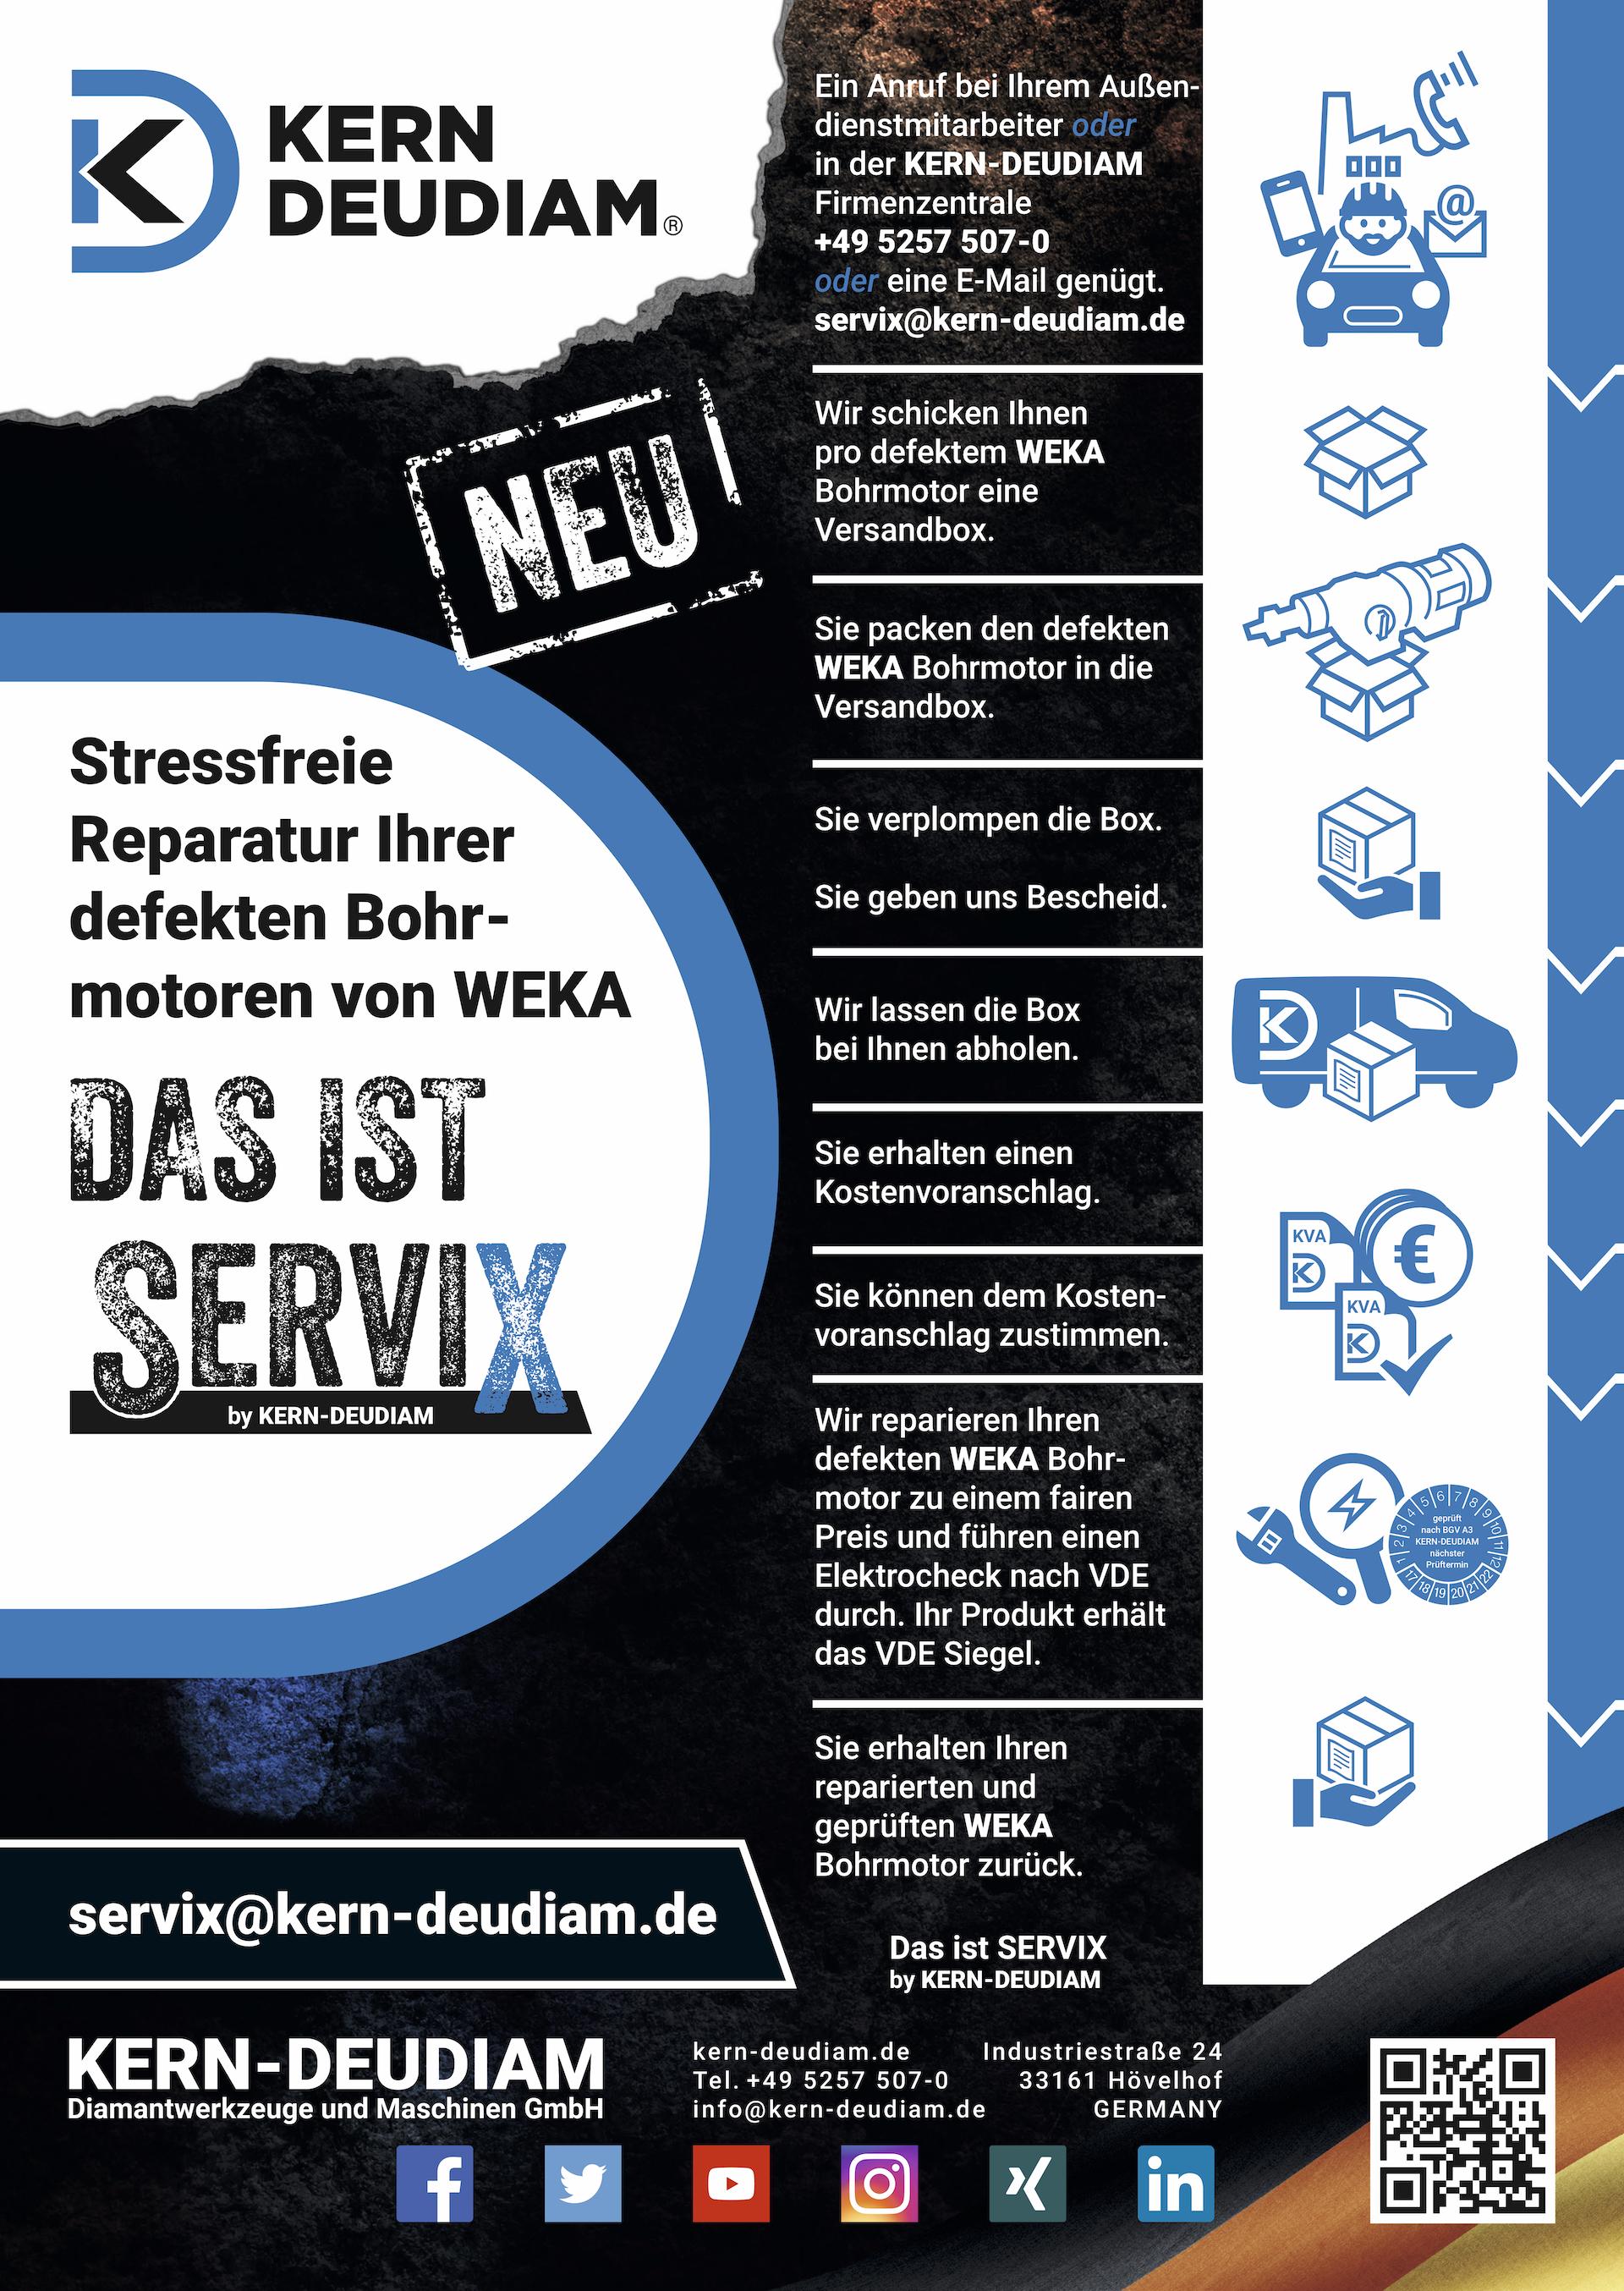 Der neue Reparaturservice ServiX für defekte Bohrmotoren